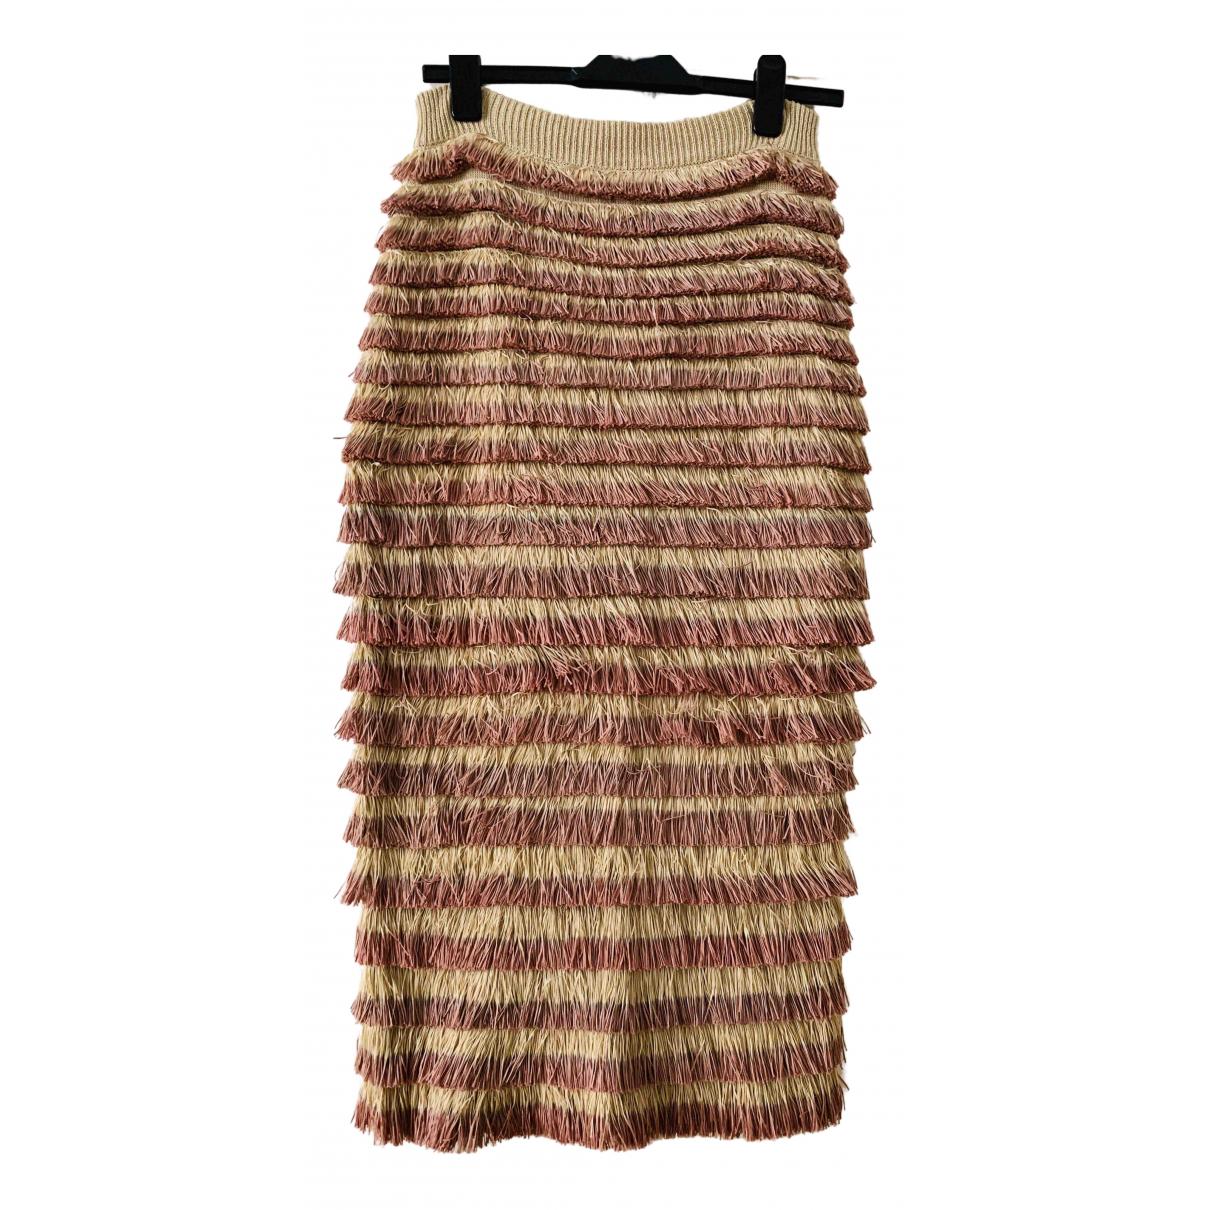 Burberry \N Beige Cotton - elasthane skirt for Women S International